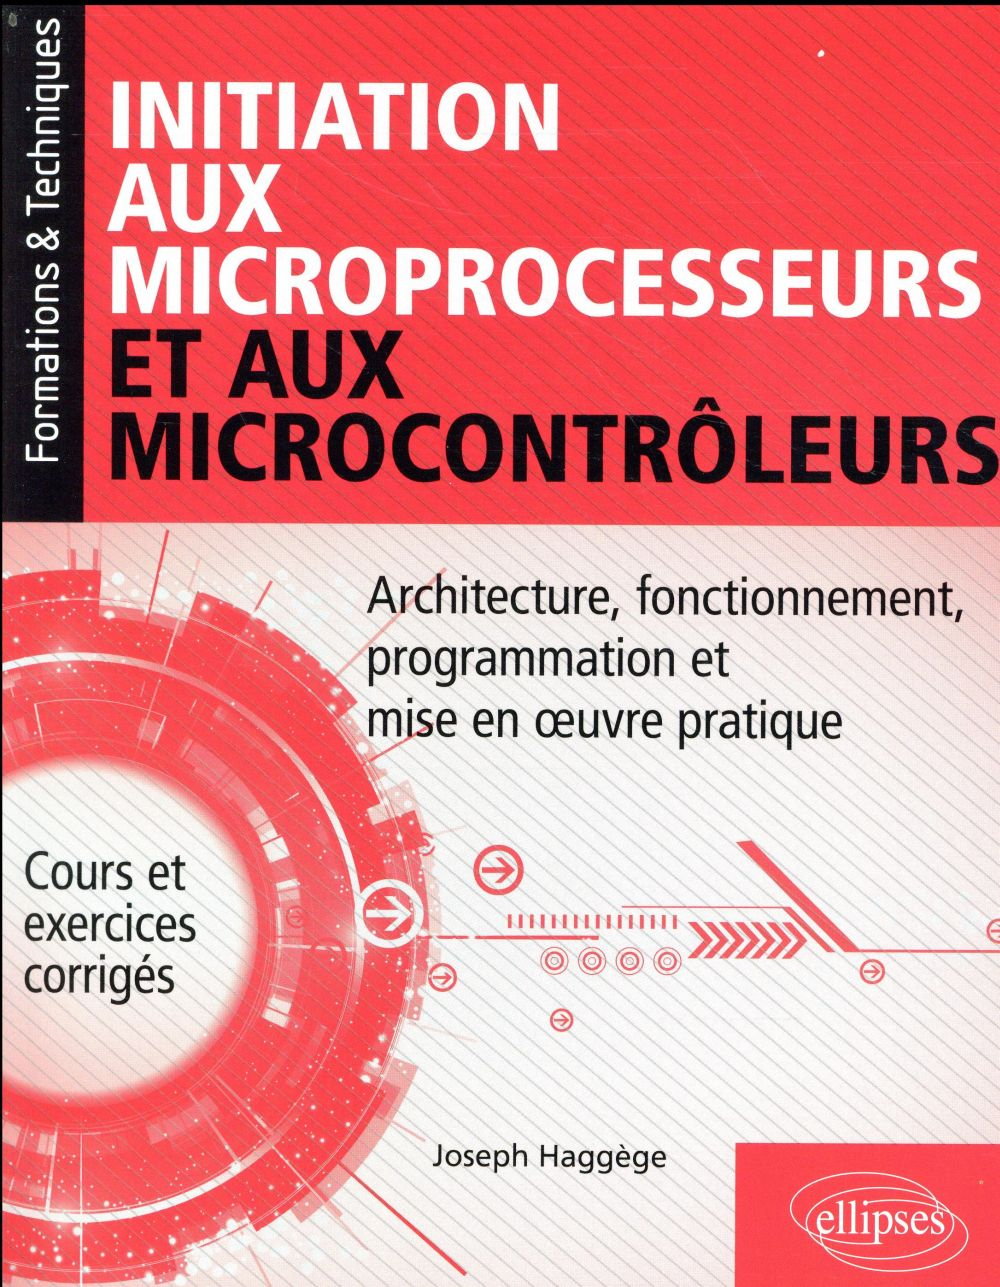 INITIATION AUX MICROPROCESSEURS ET AUX MICROCONTROLEURS